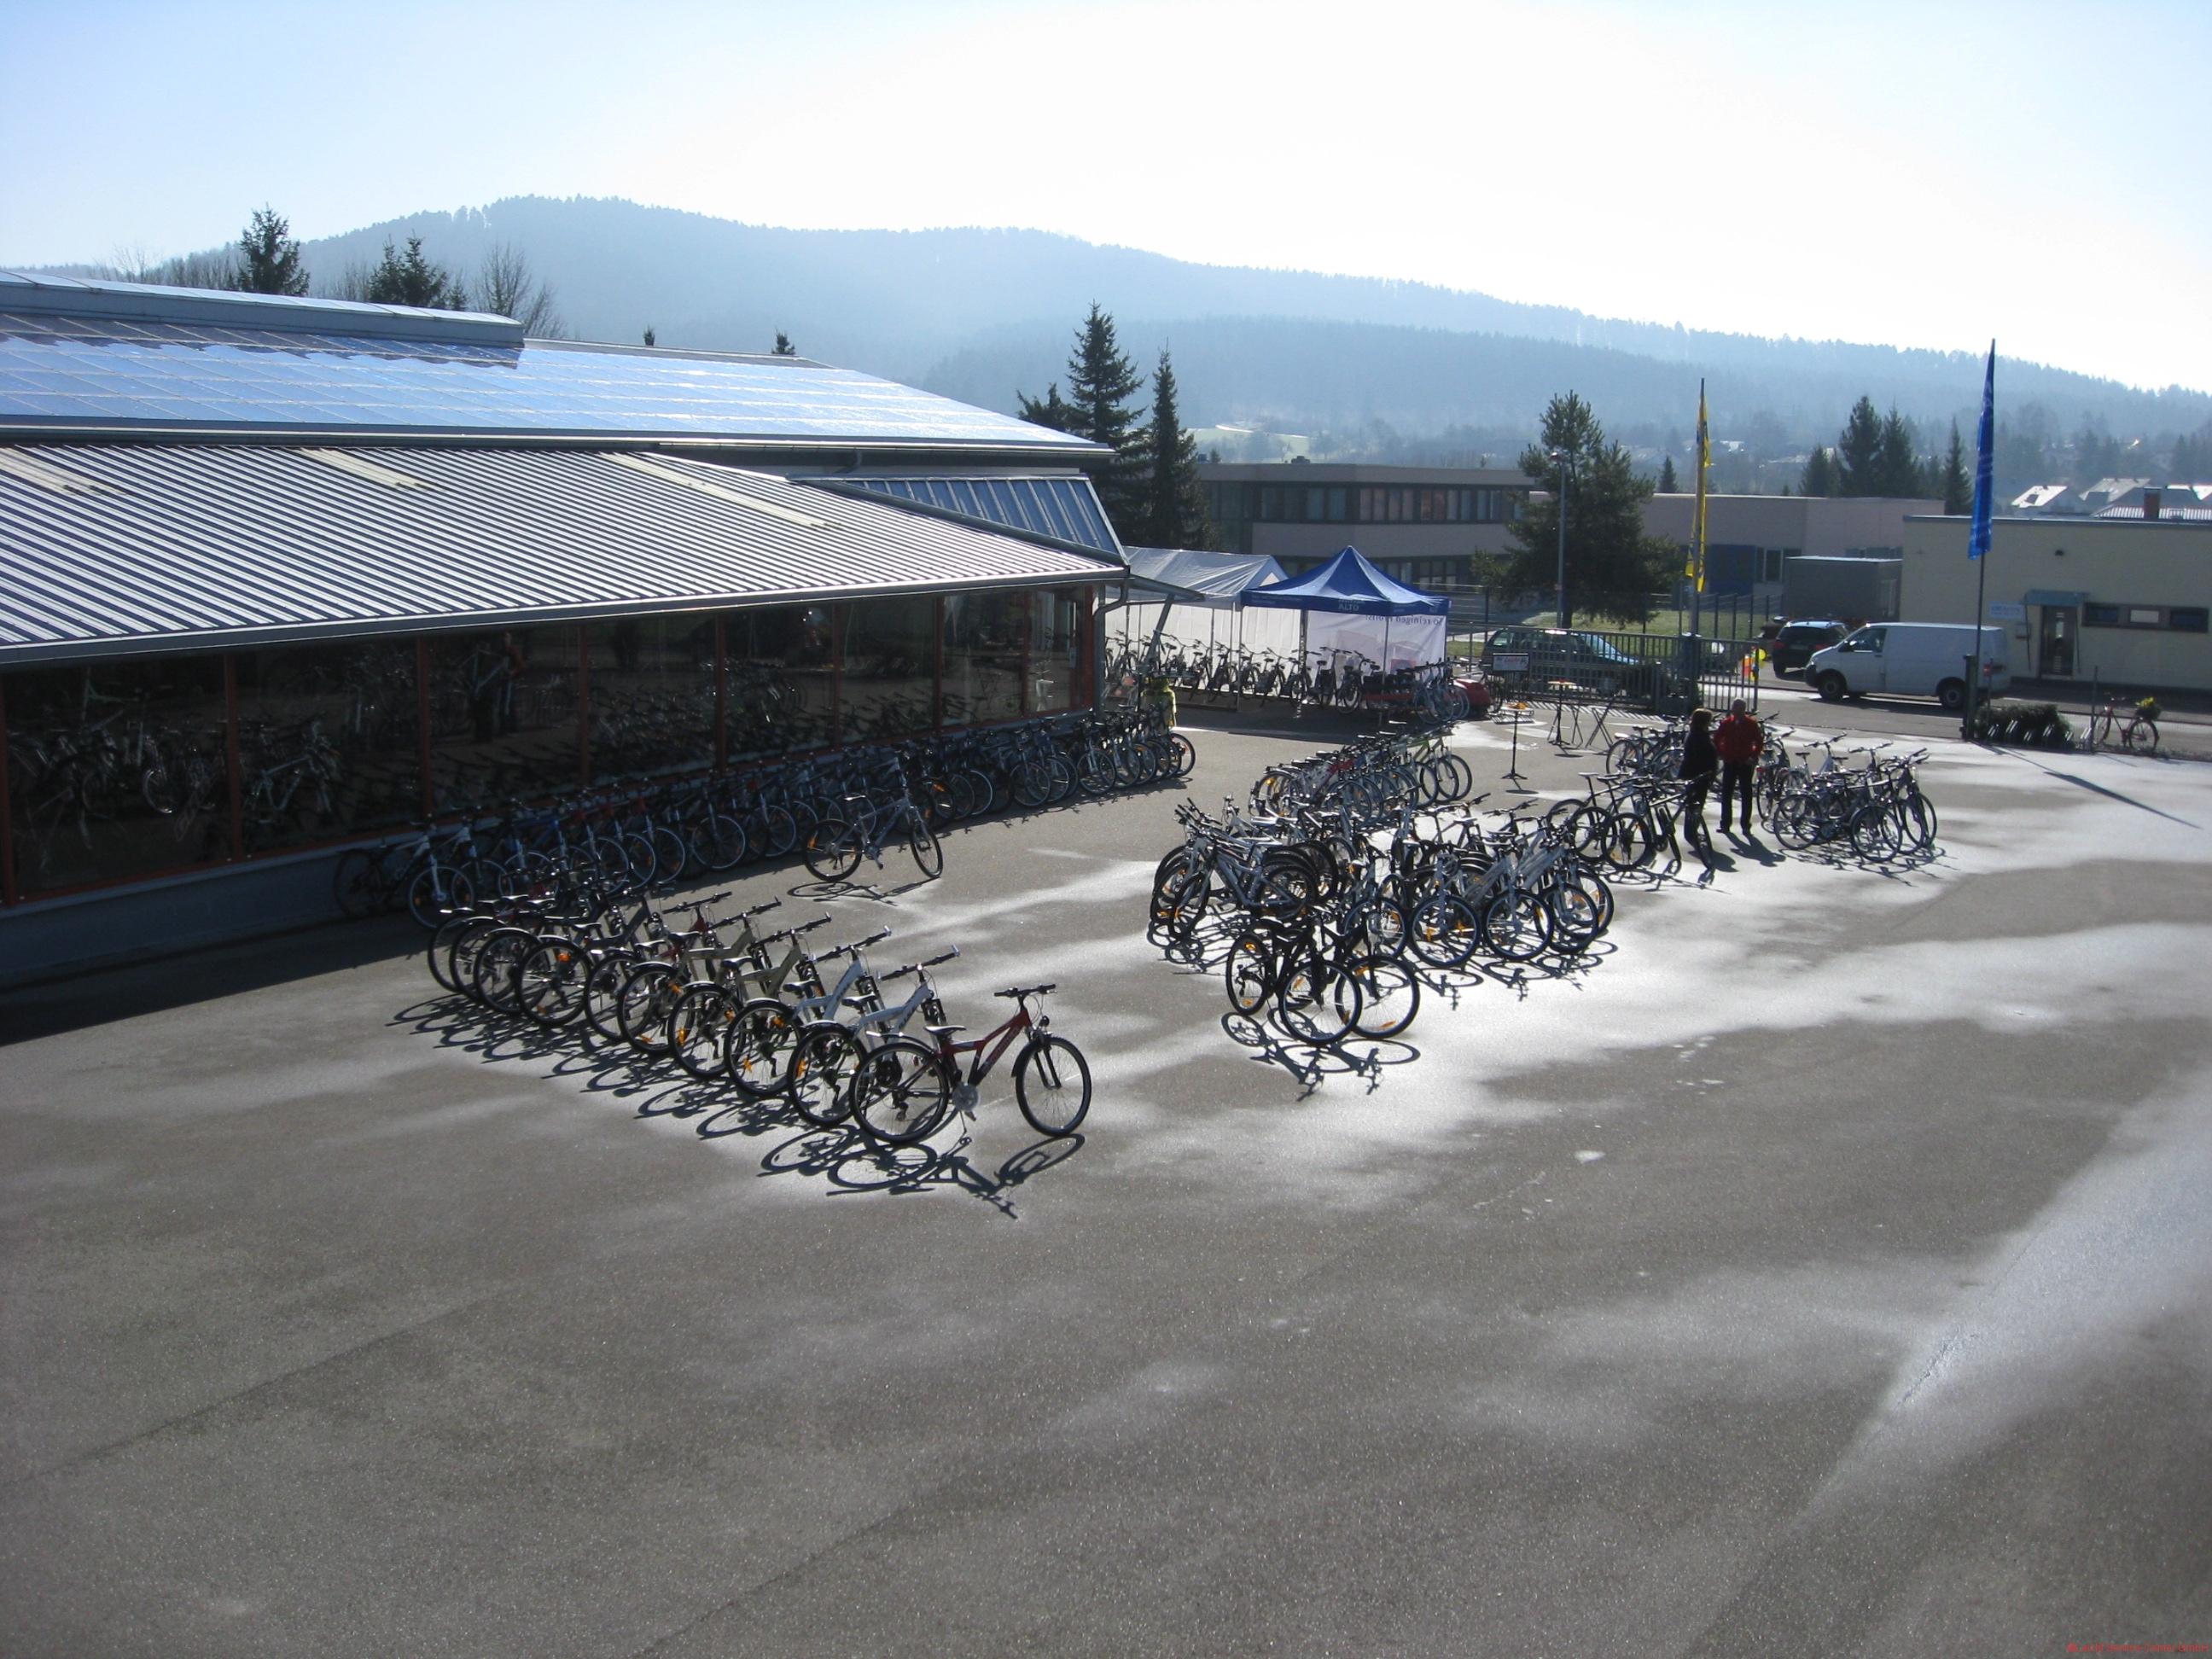 Fahrrad-Sonderschau 2011-03-20 11-09-17